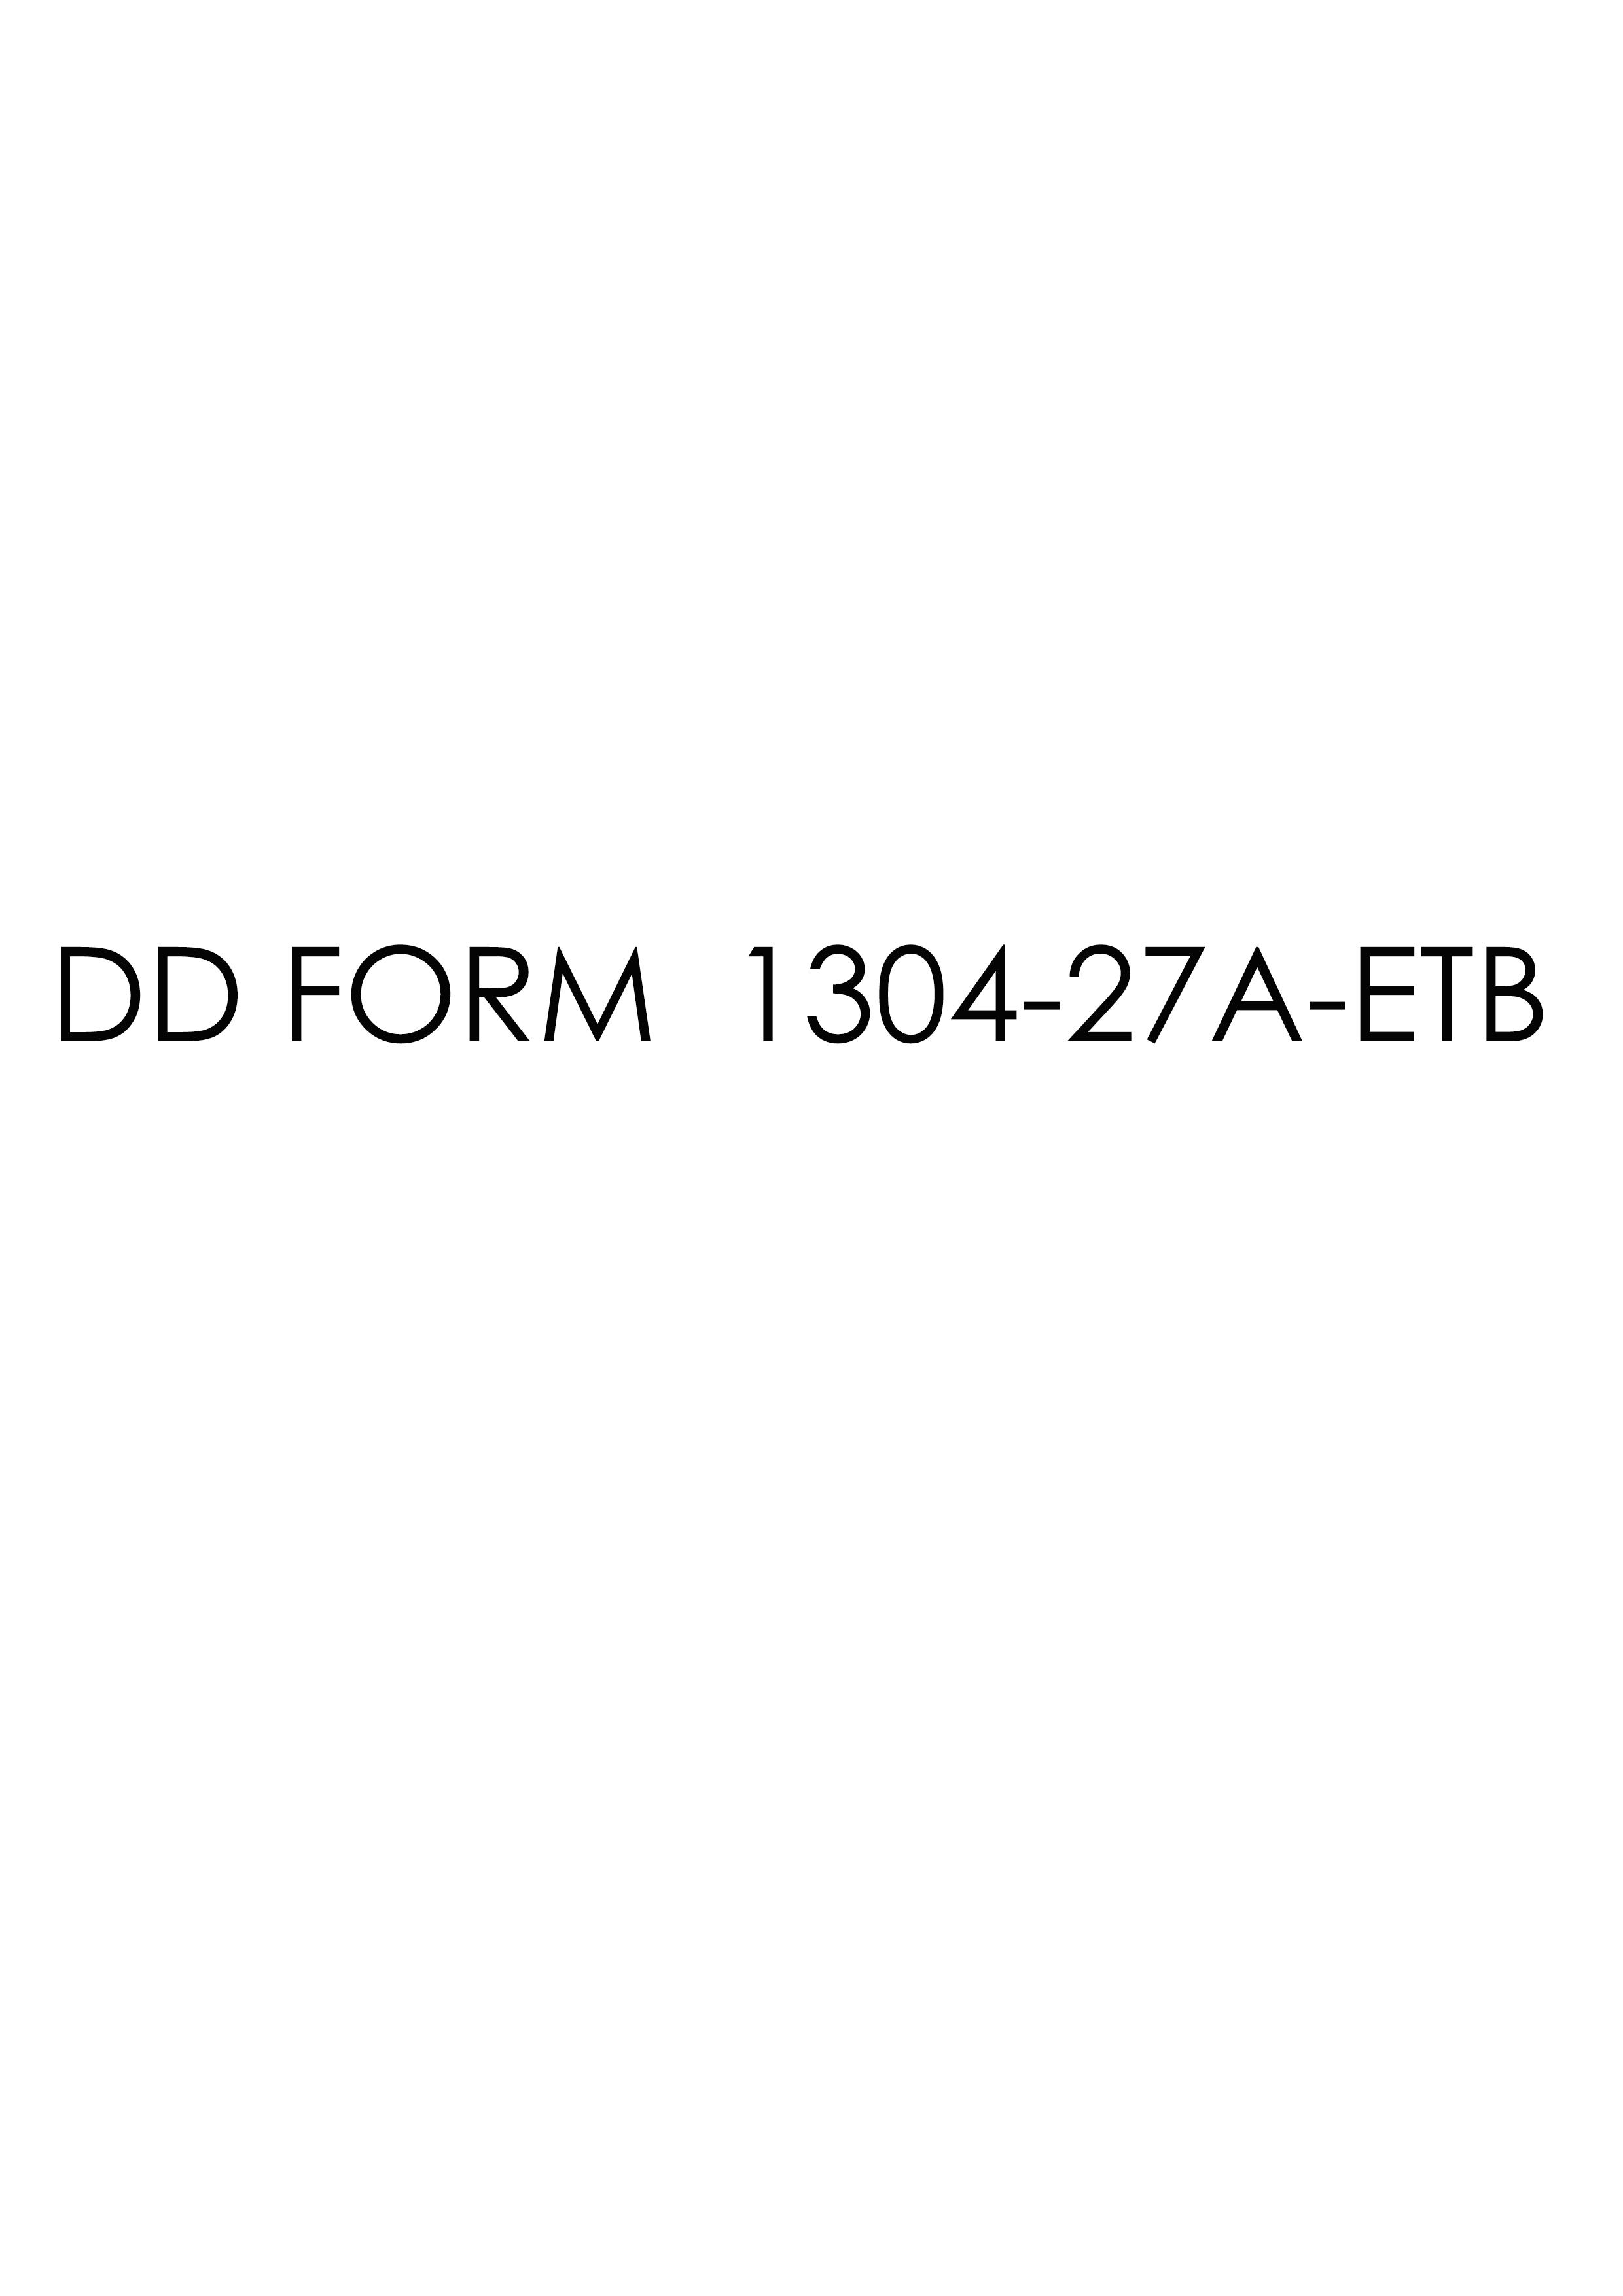 Download dd Form 1304-27A-ETB Free